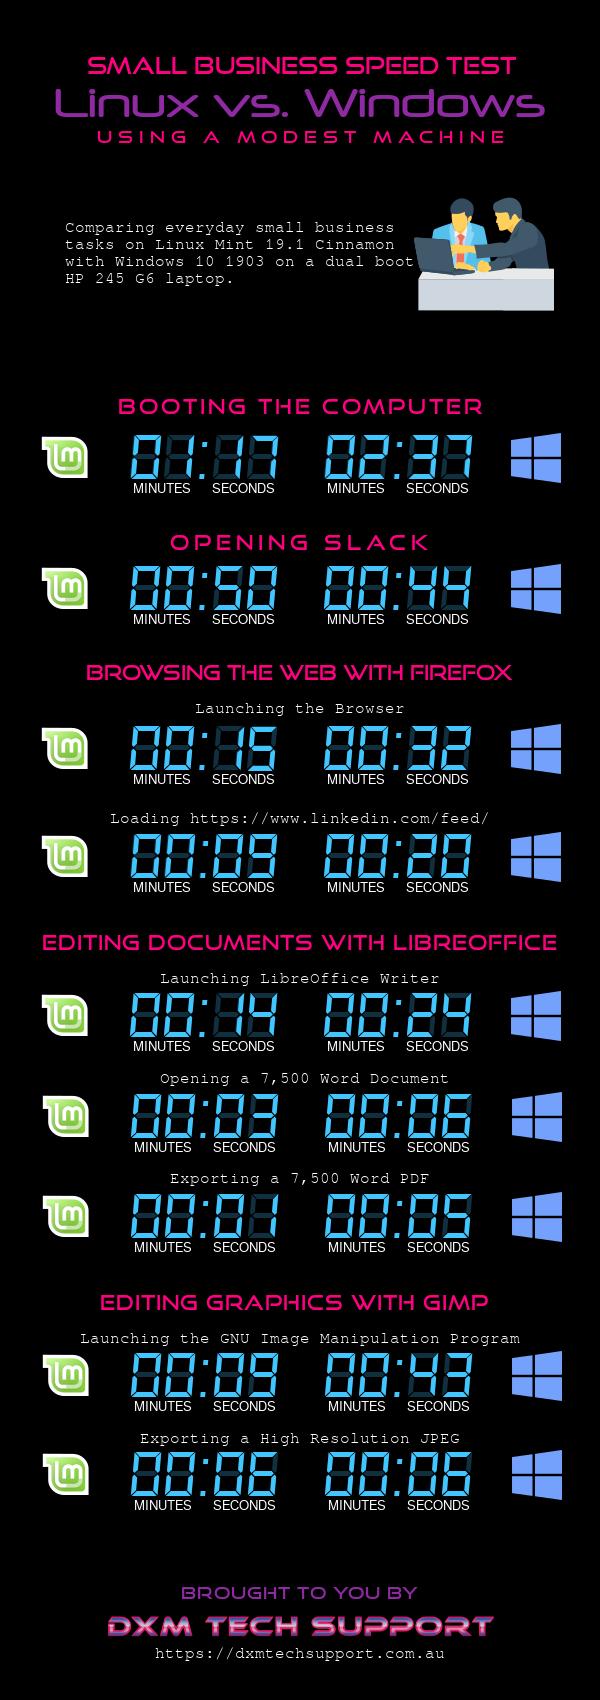 linux vs windows de la prueba de velocidad